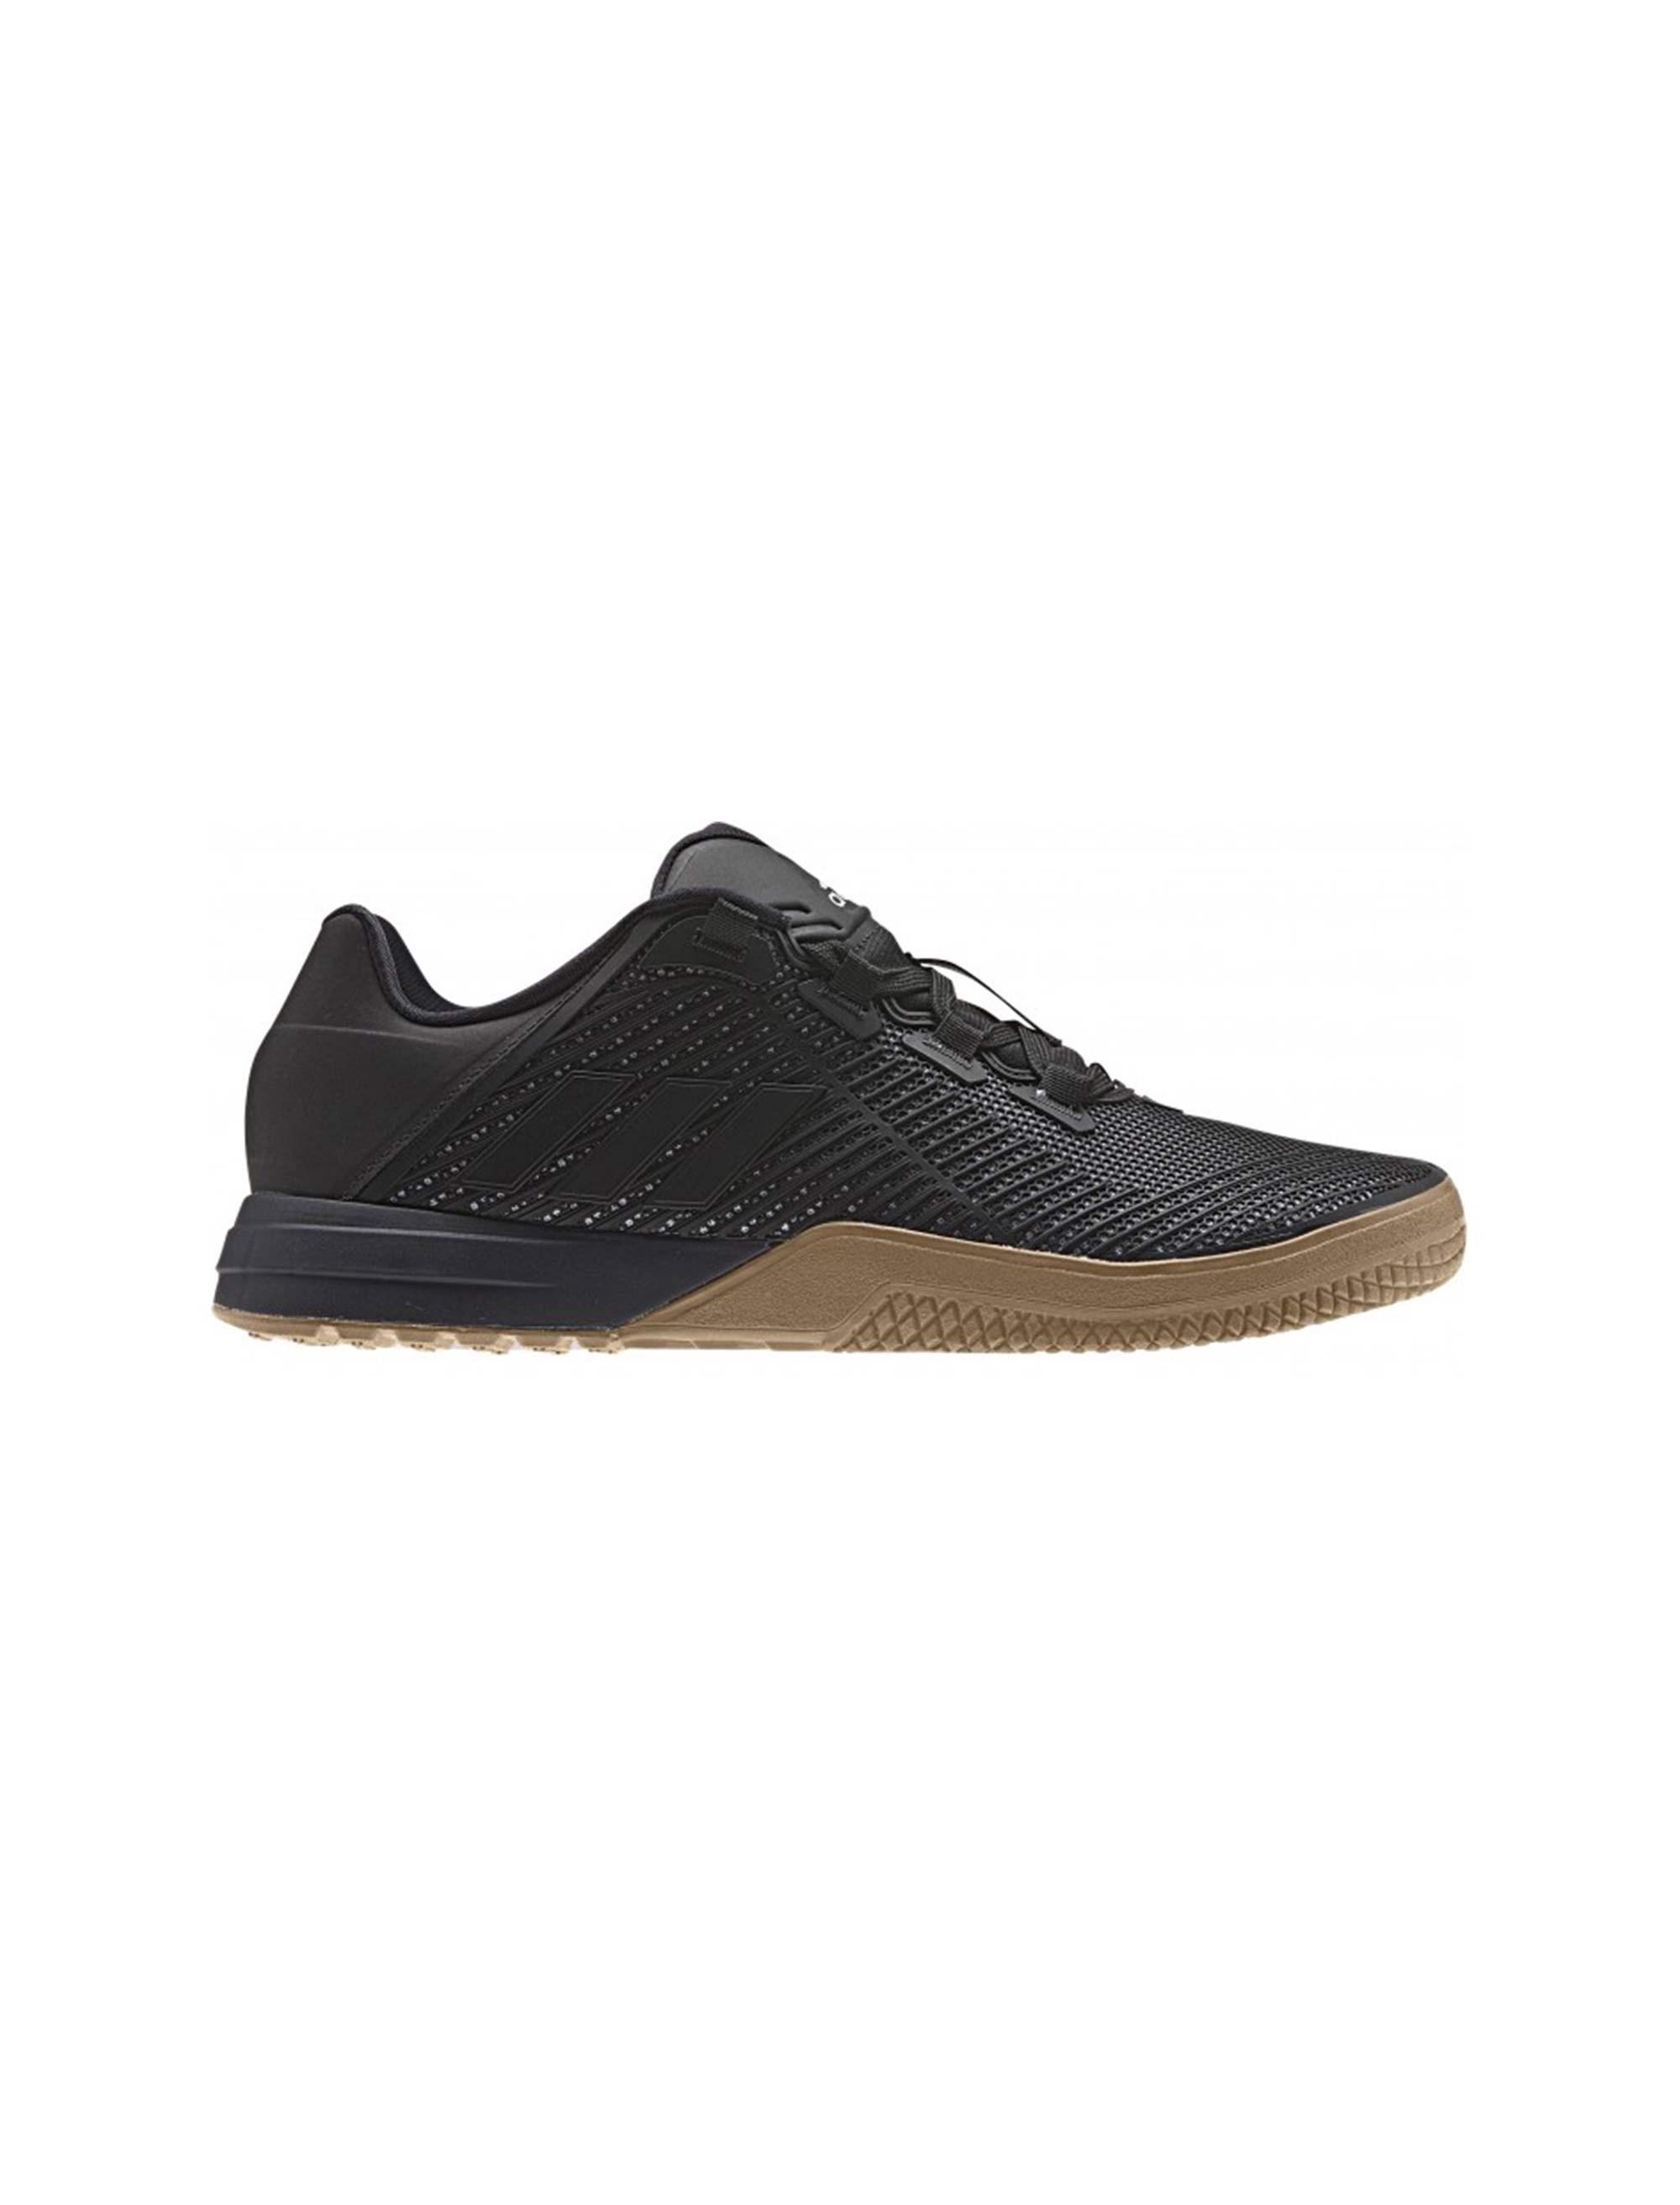 کفش تمرین بندی مردانه سری CrazyPower مدل CrazyPower TR - آدیداس